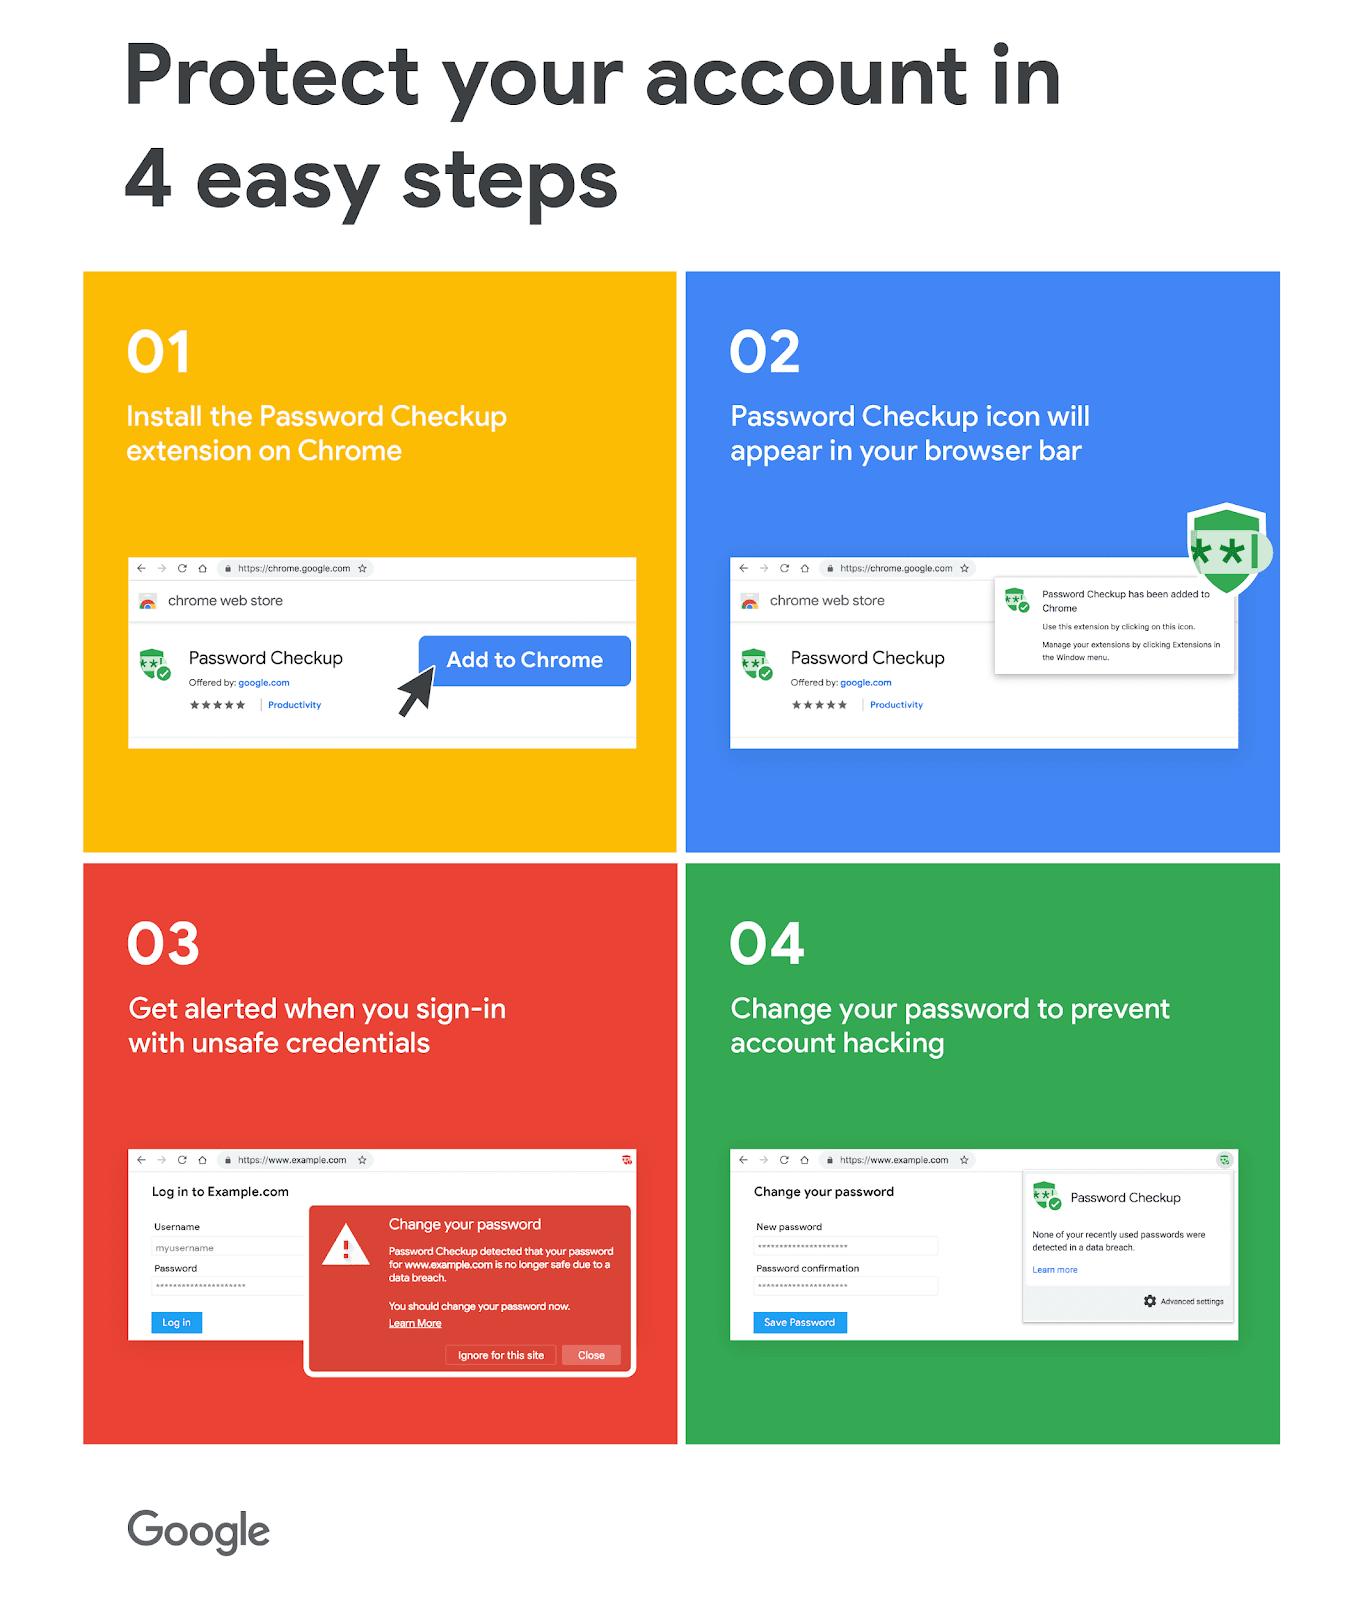 Google защитит ваши данные в сети (image1)